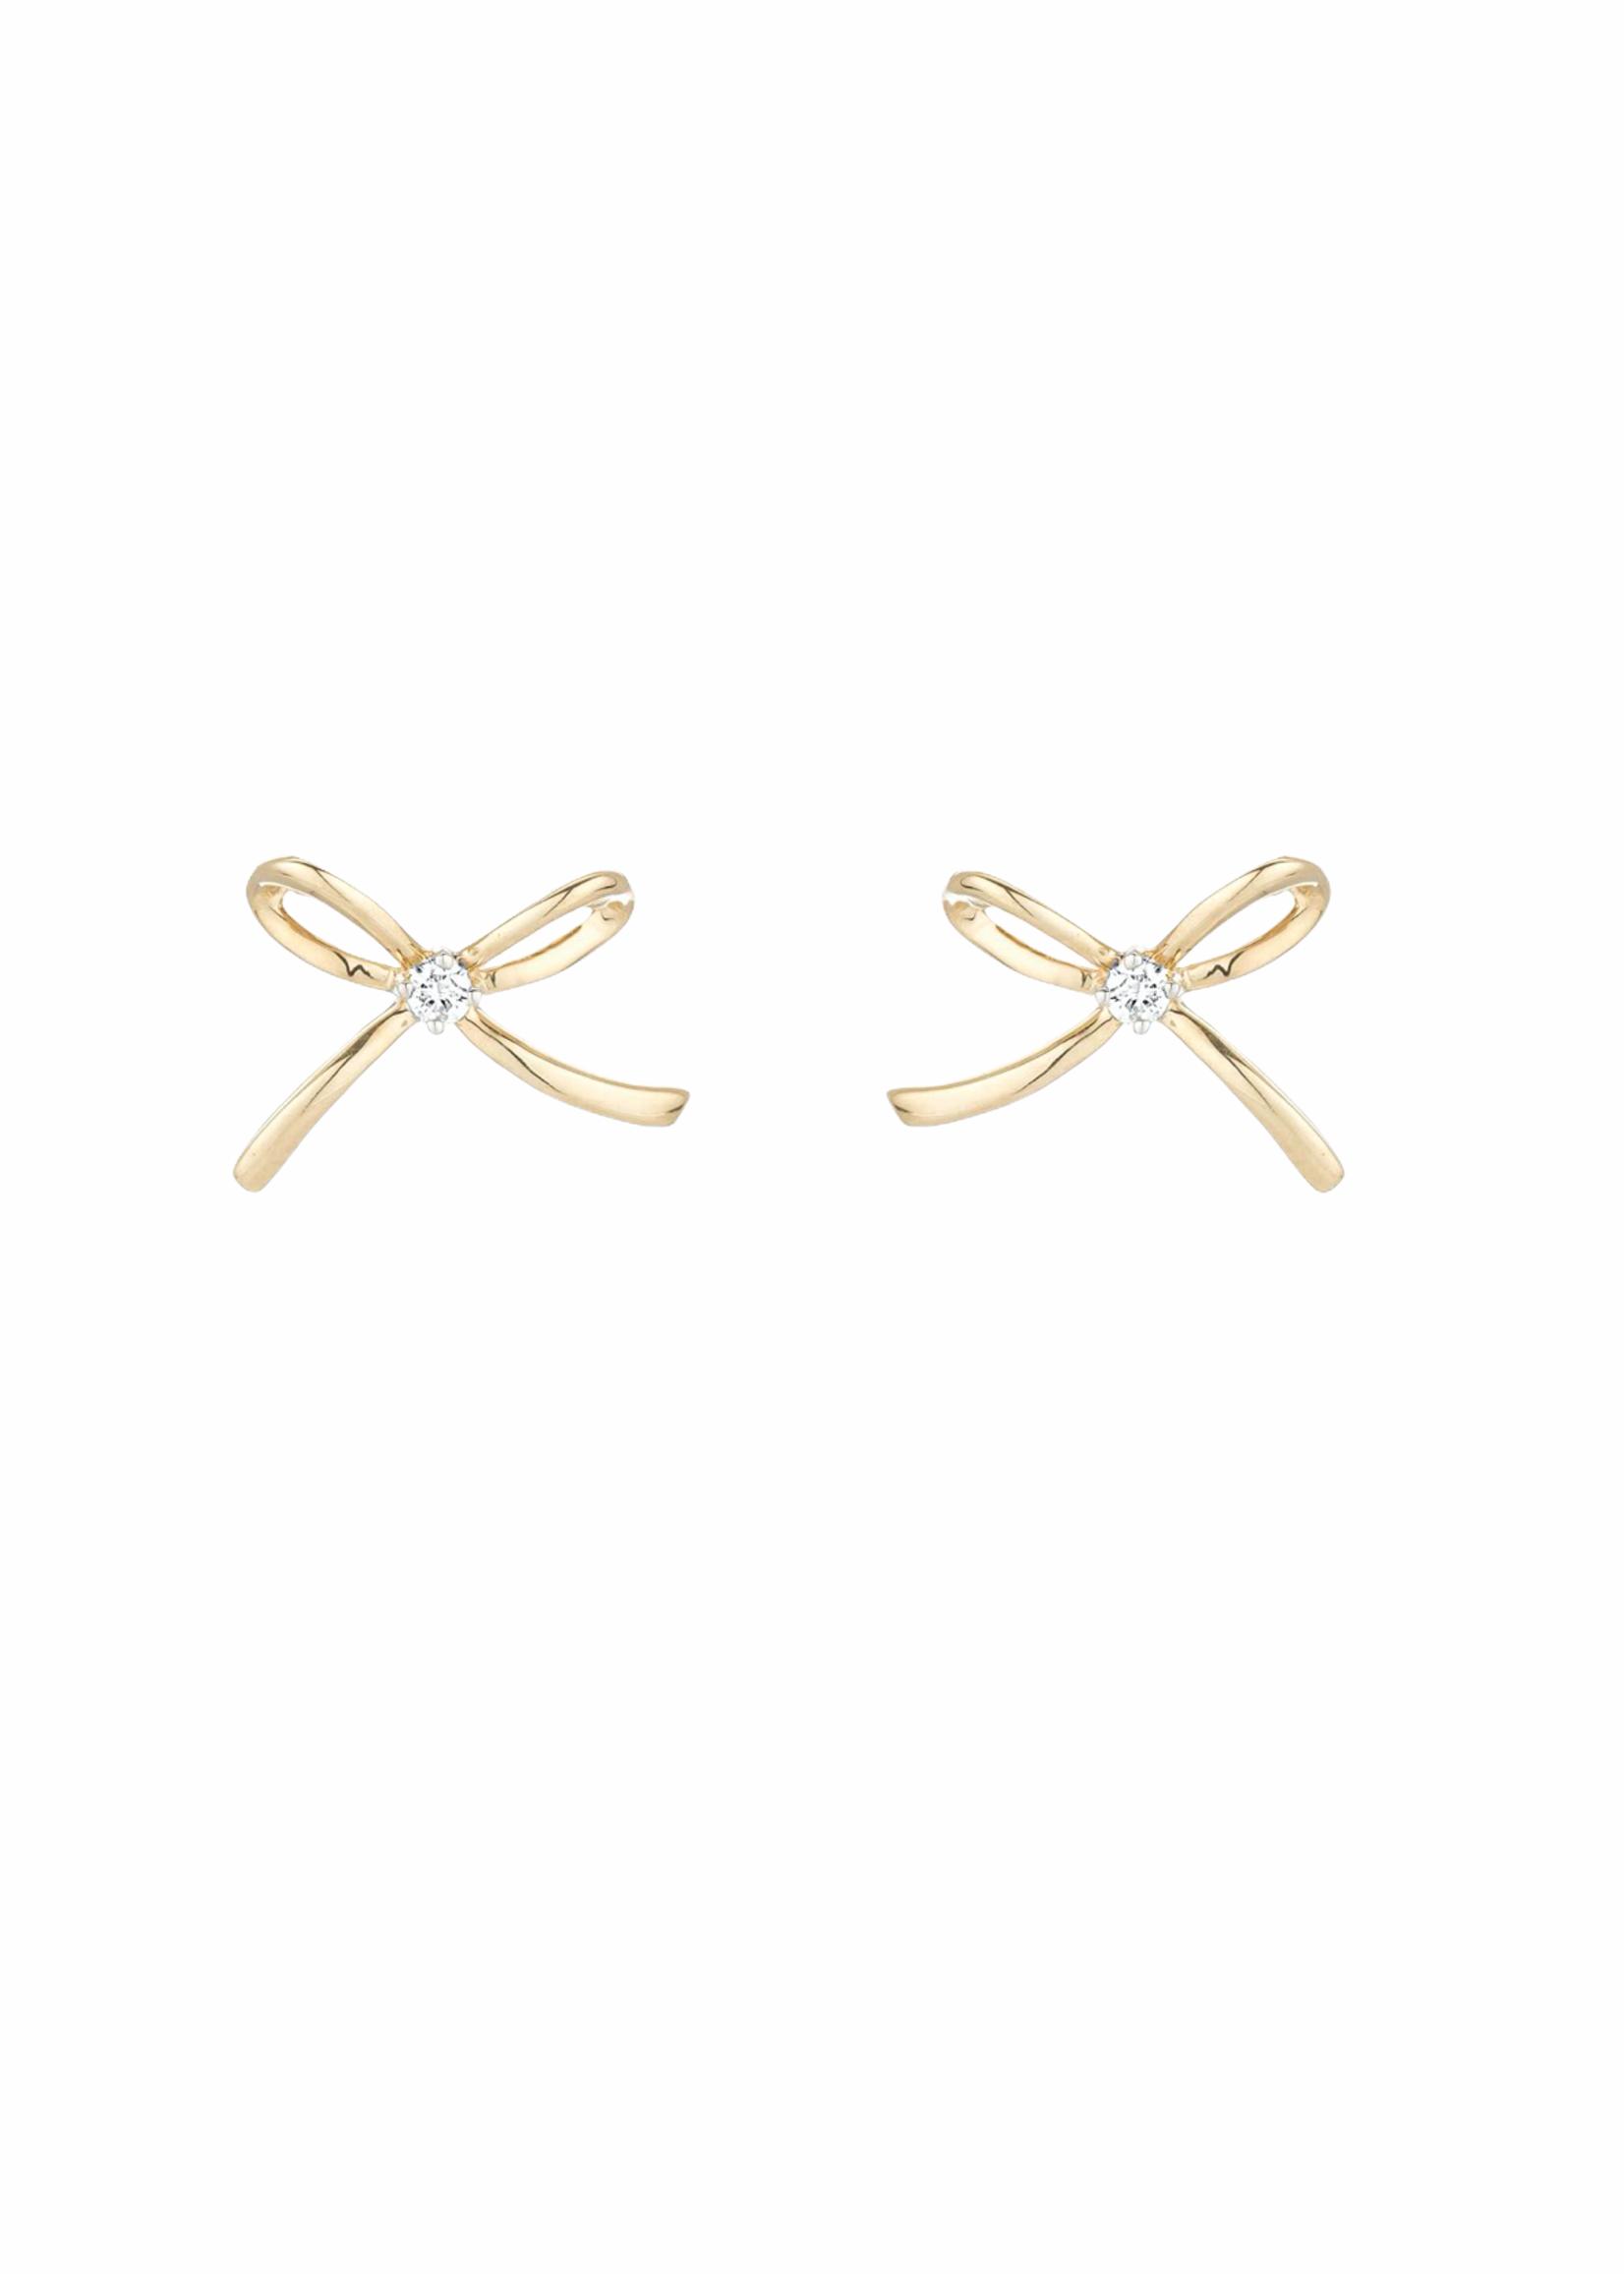 Adina Reyter Tiny Single Diamond Bow Posts